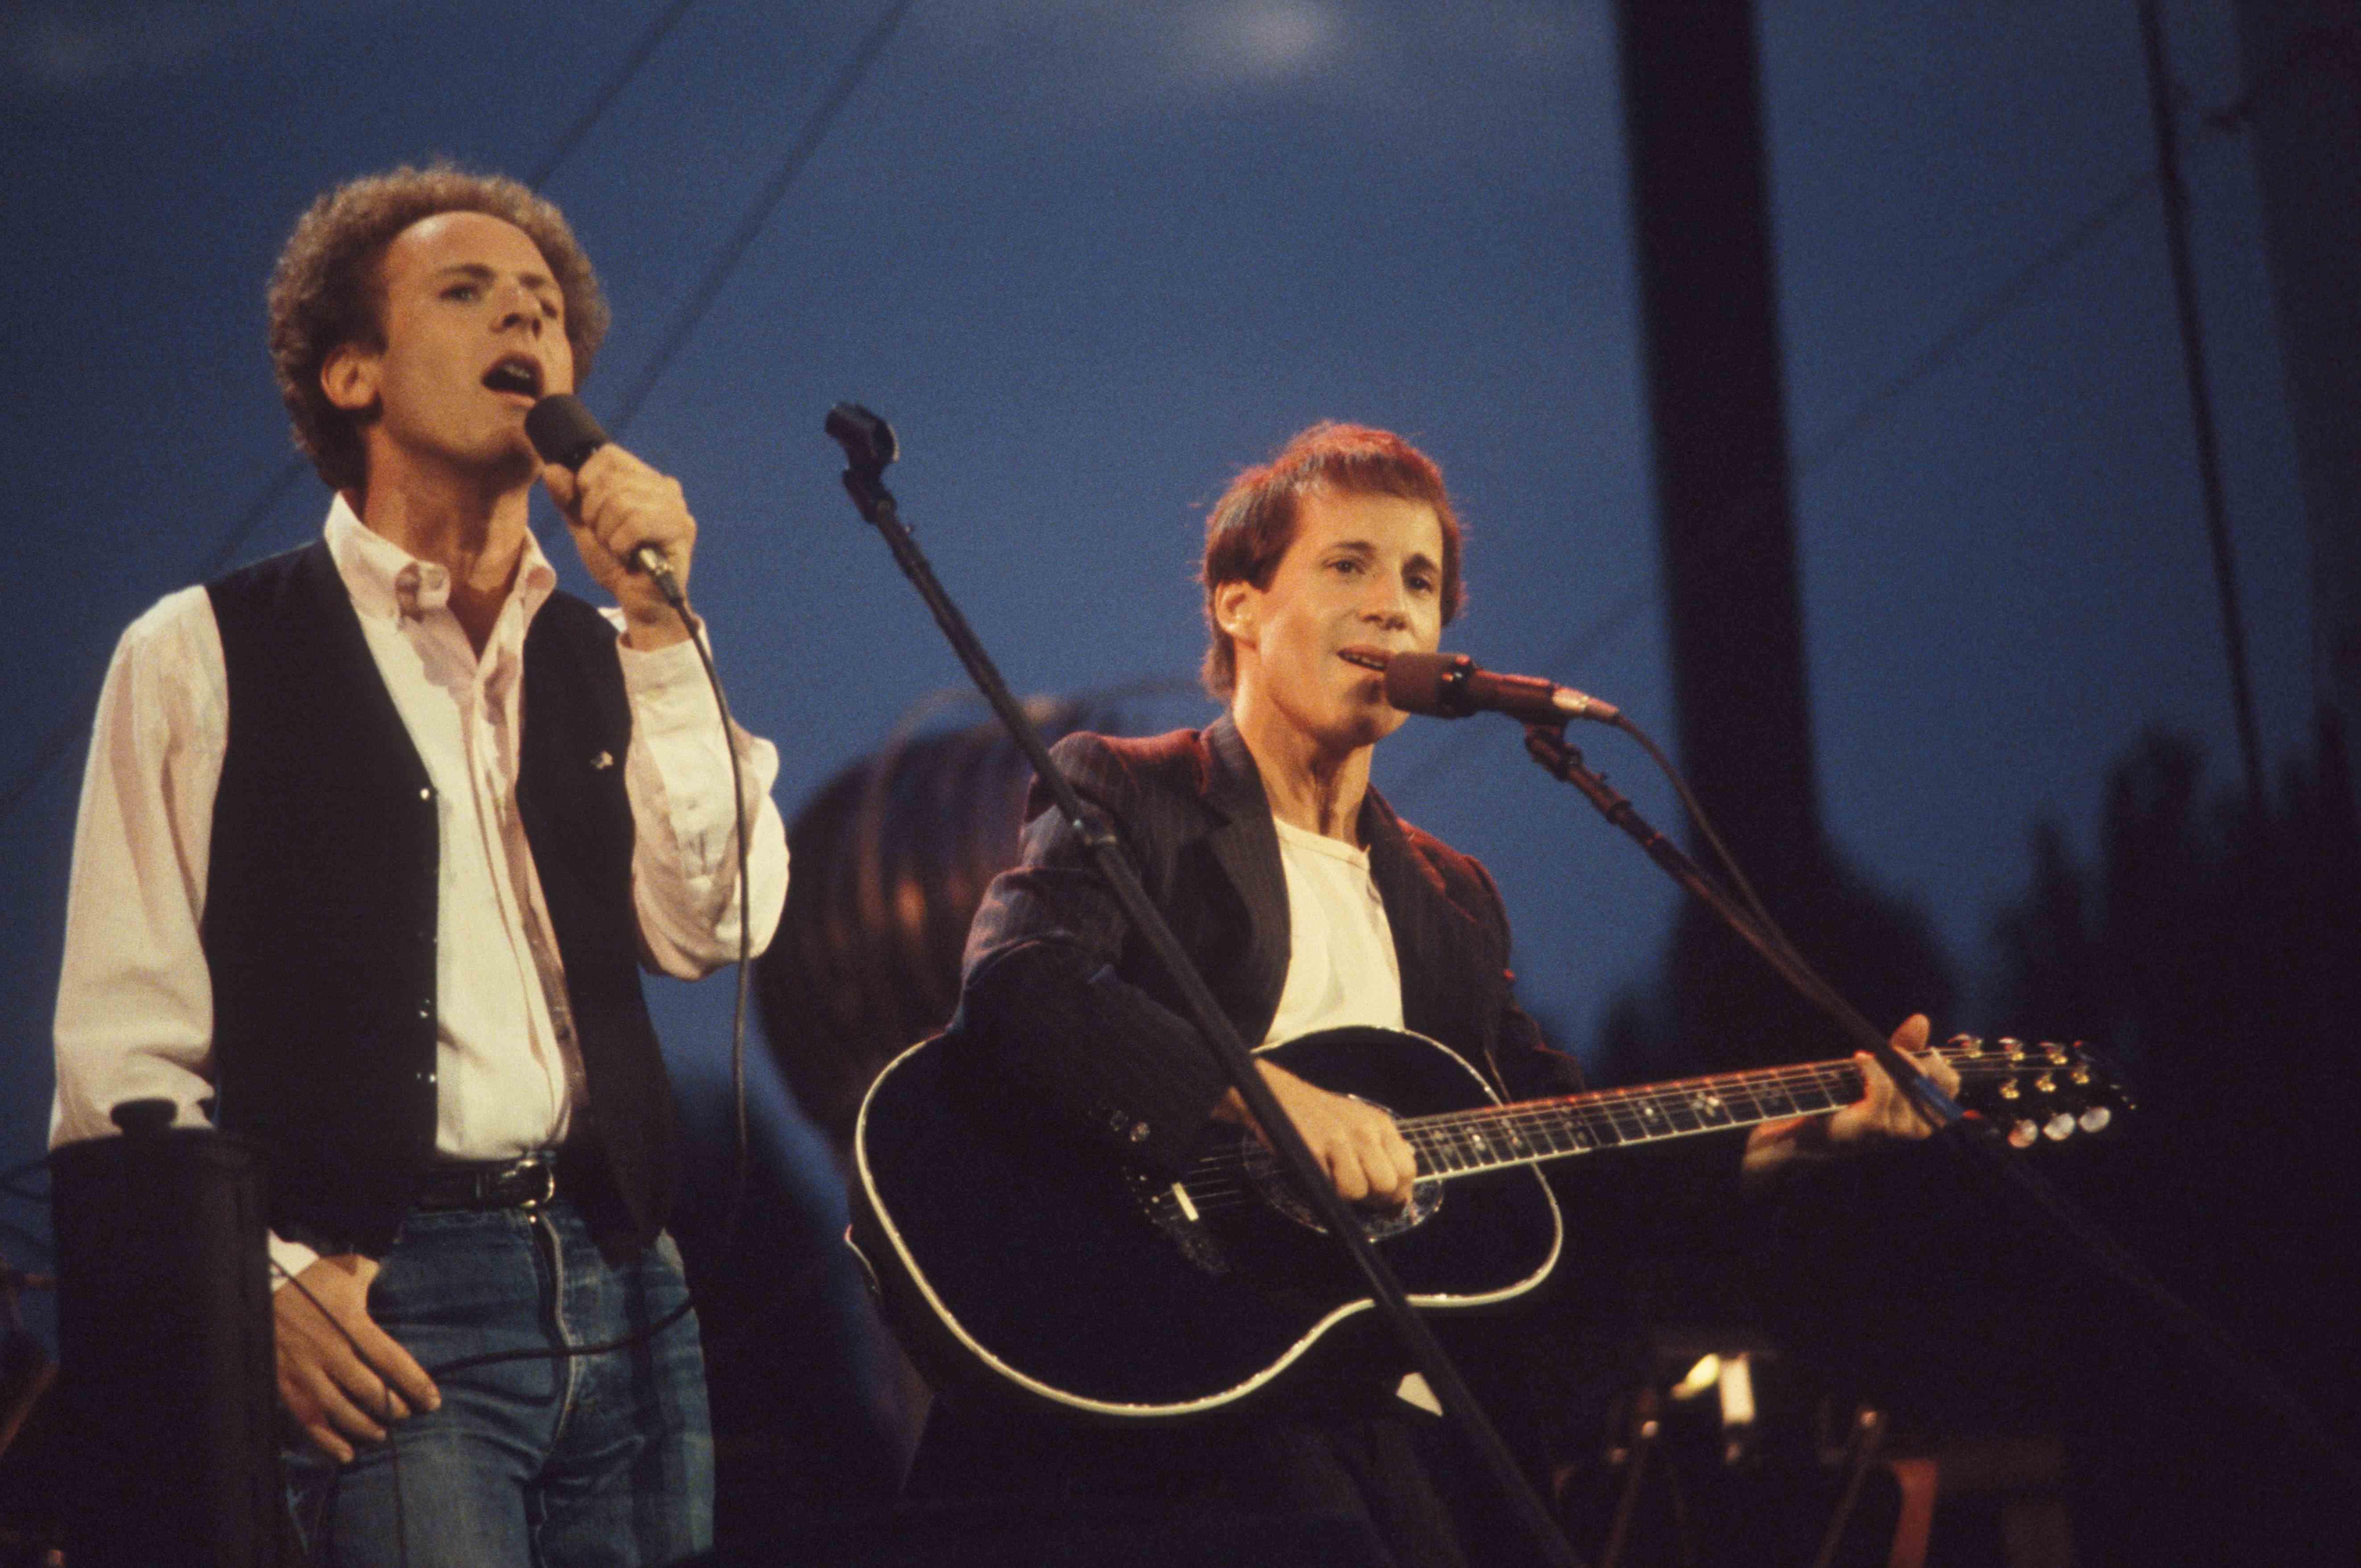 Denkwürdiger Moment für Simon & Garfunkel